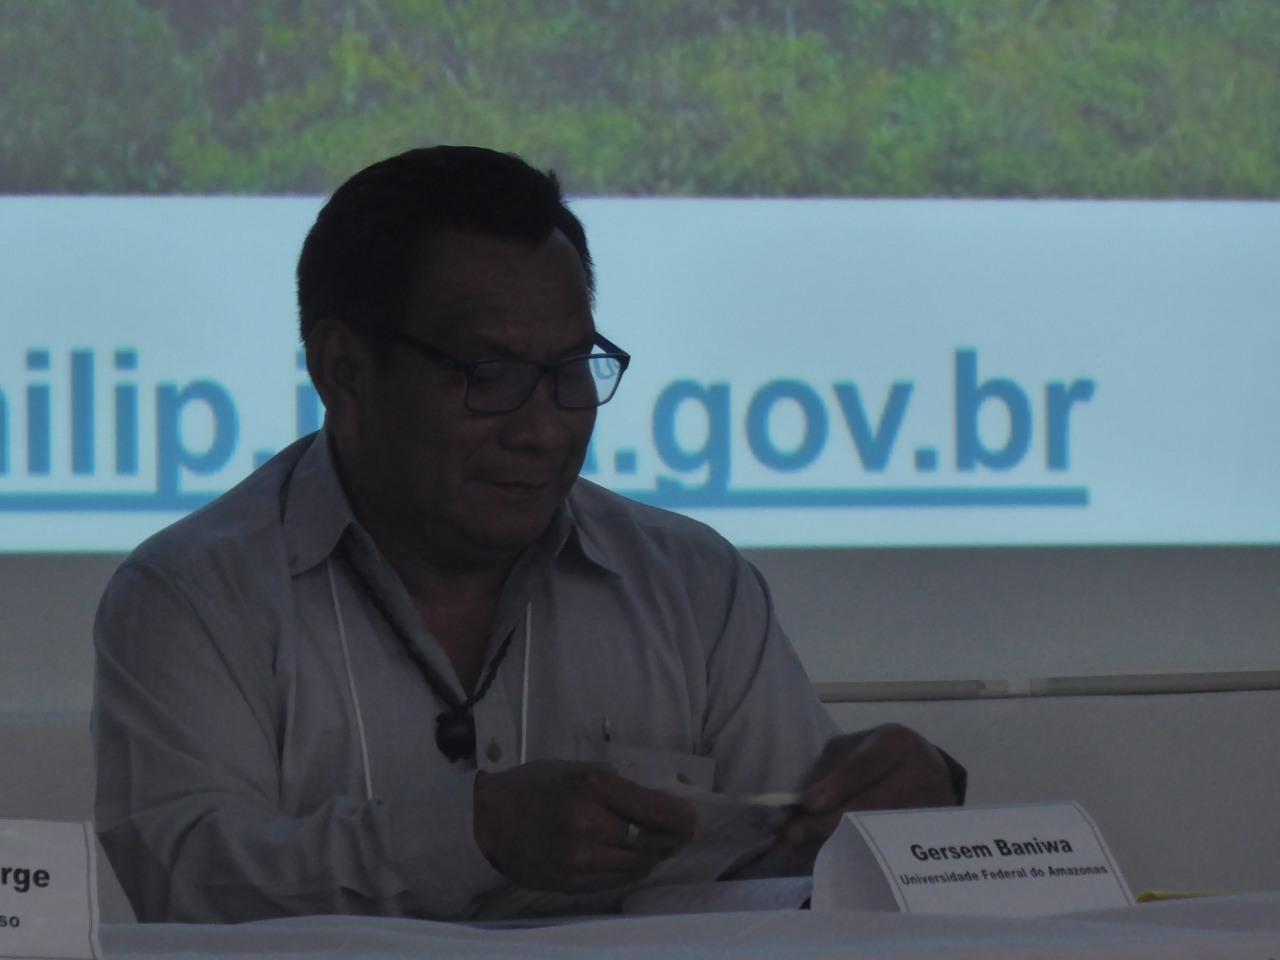 Gersem Baniwa